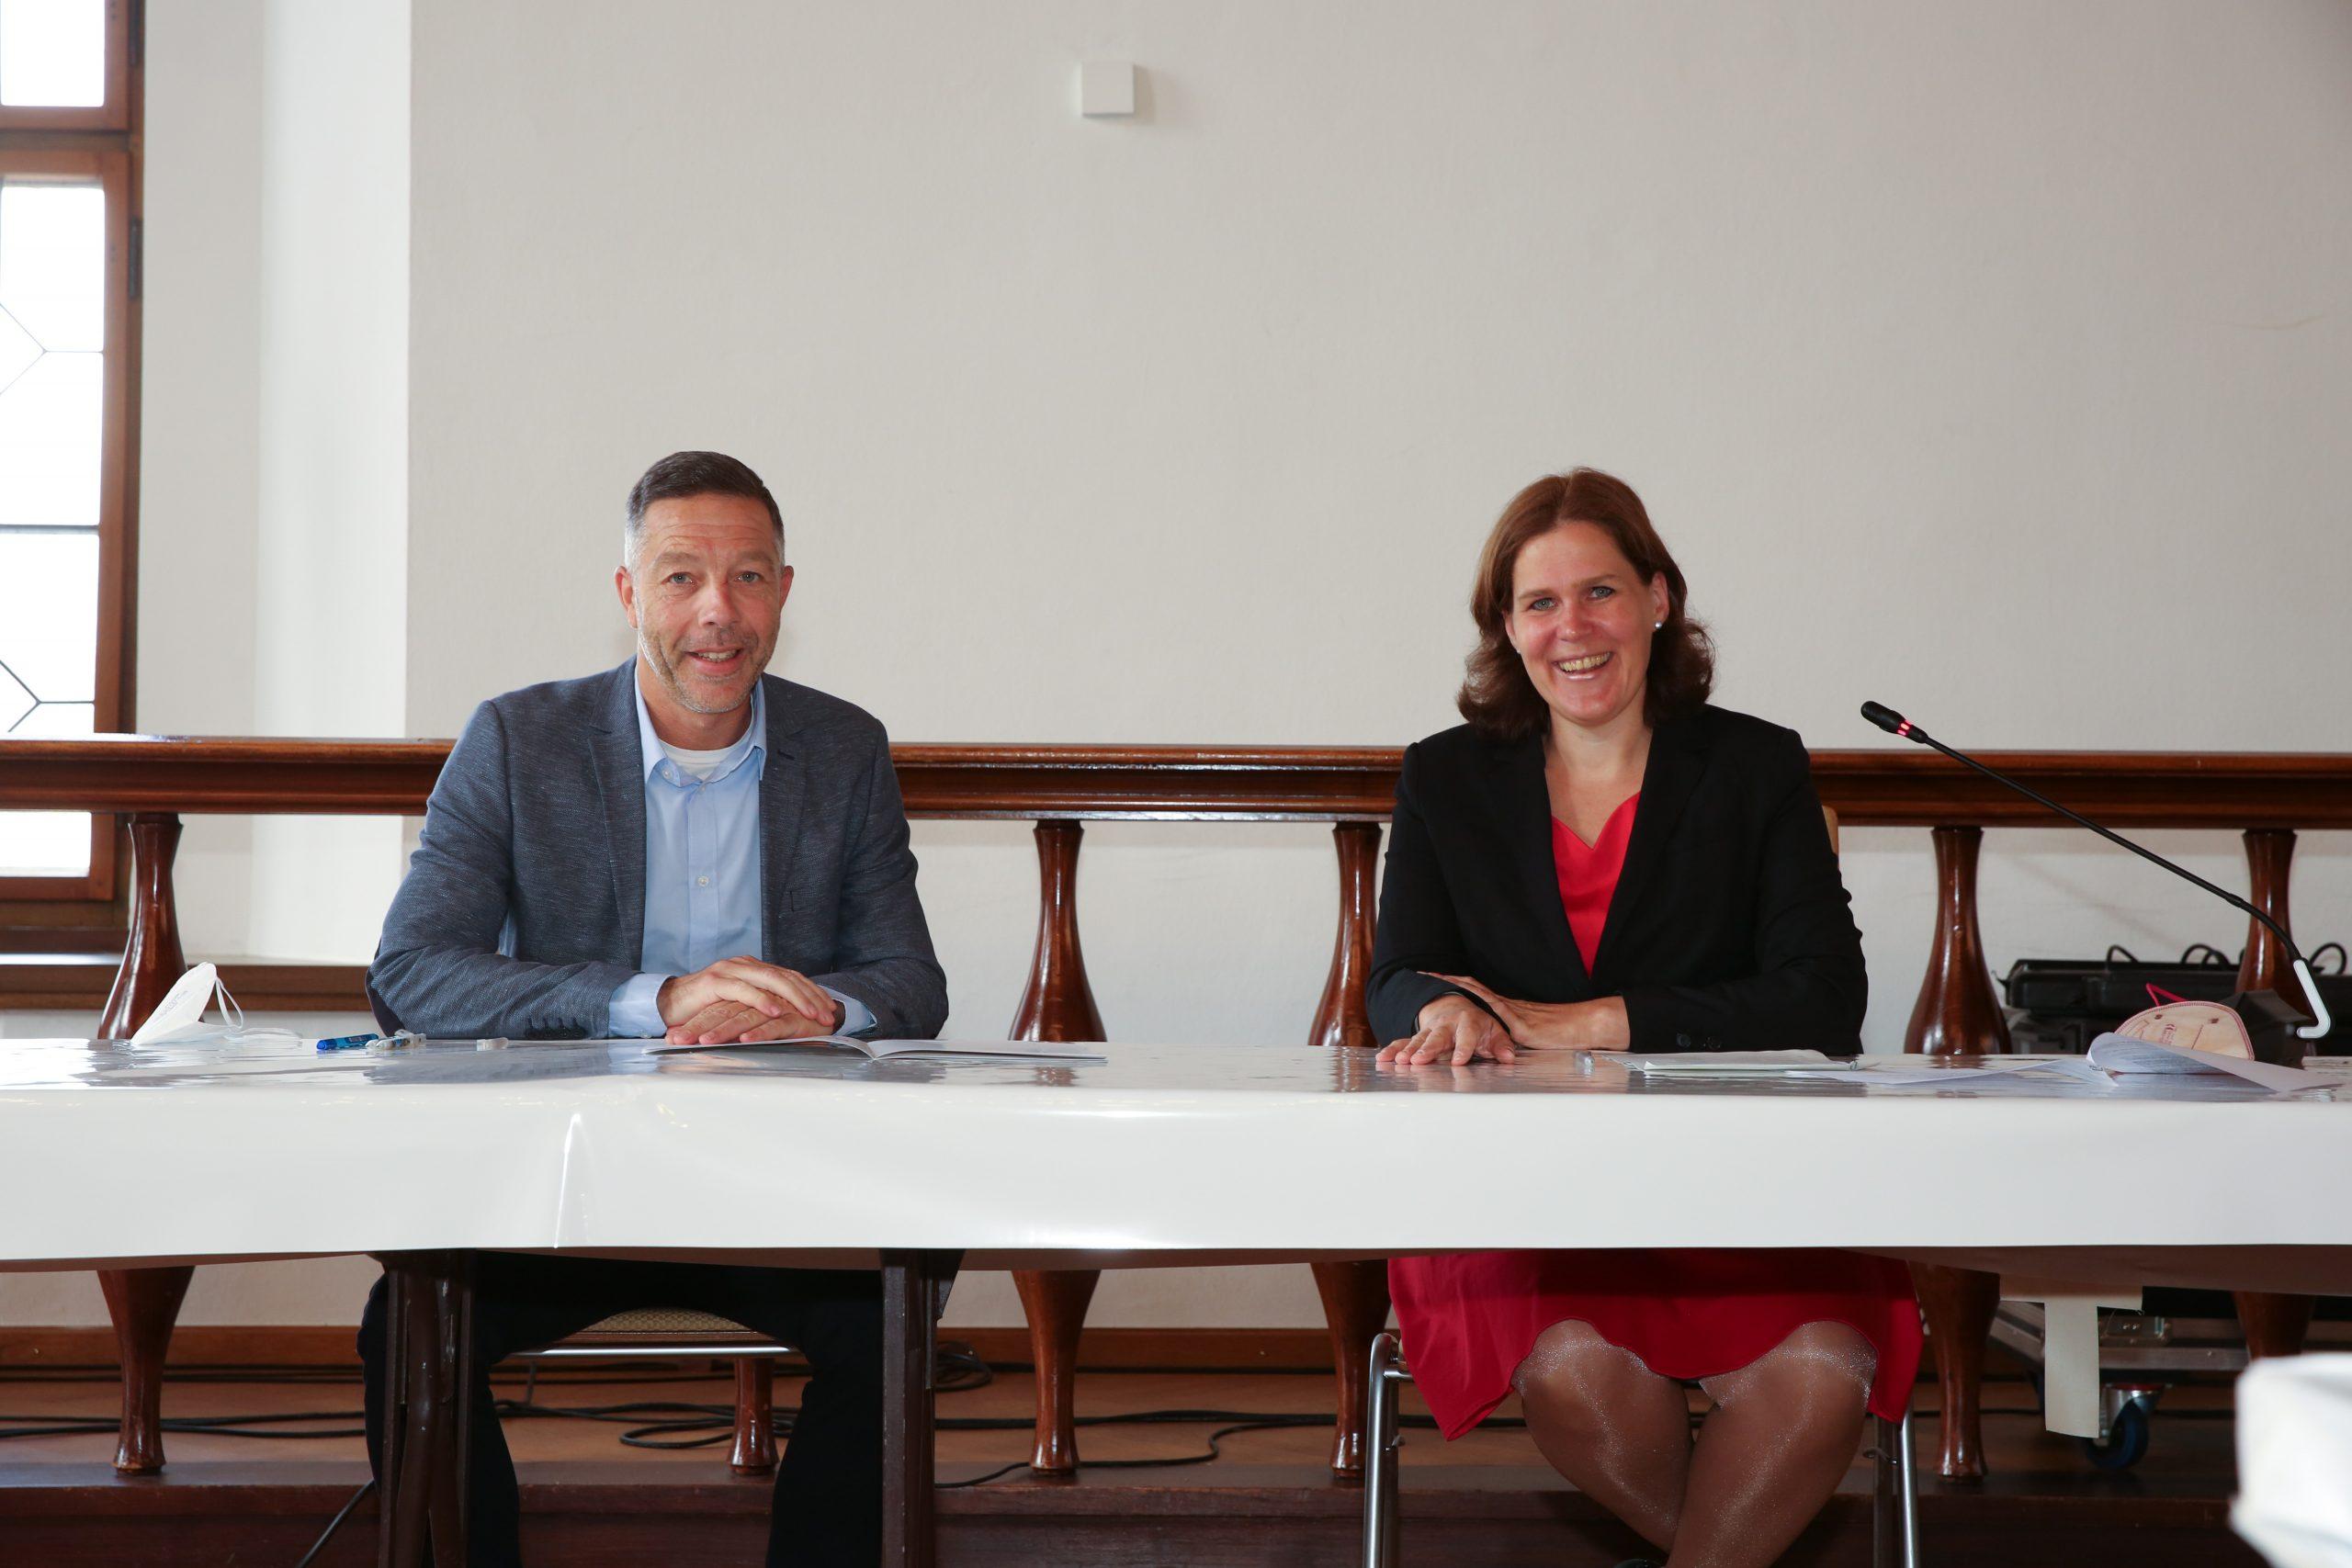 Geschäftsführer Holger Steckermaier und Bürgermeisterin der Stadt München Verena Dietl